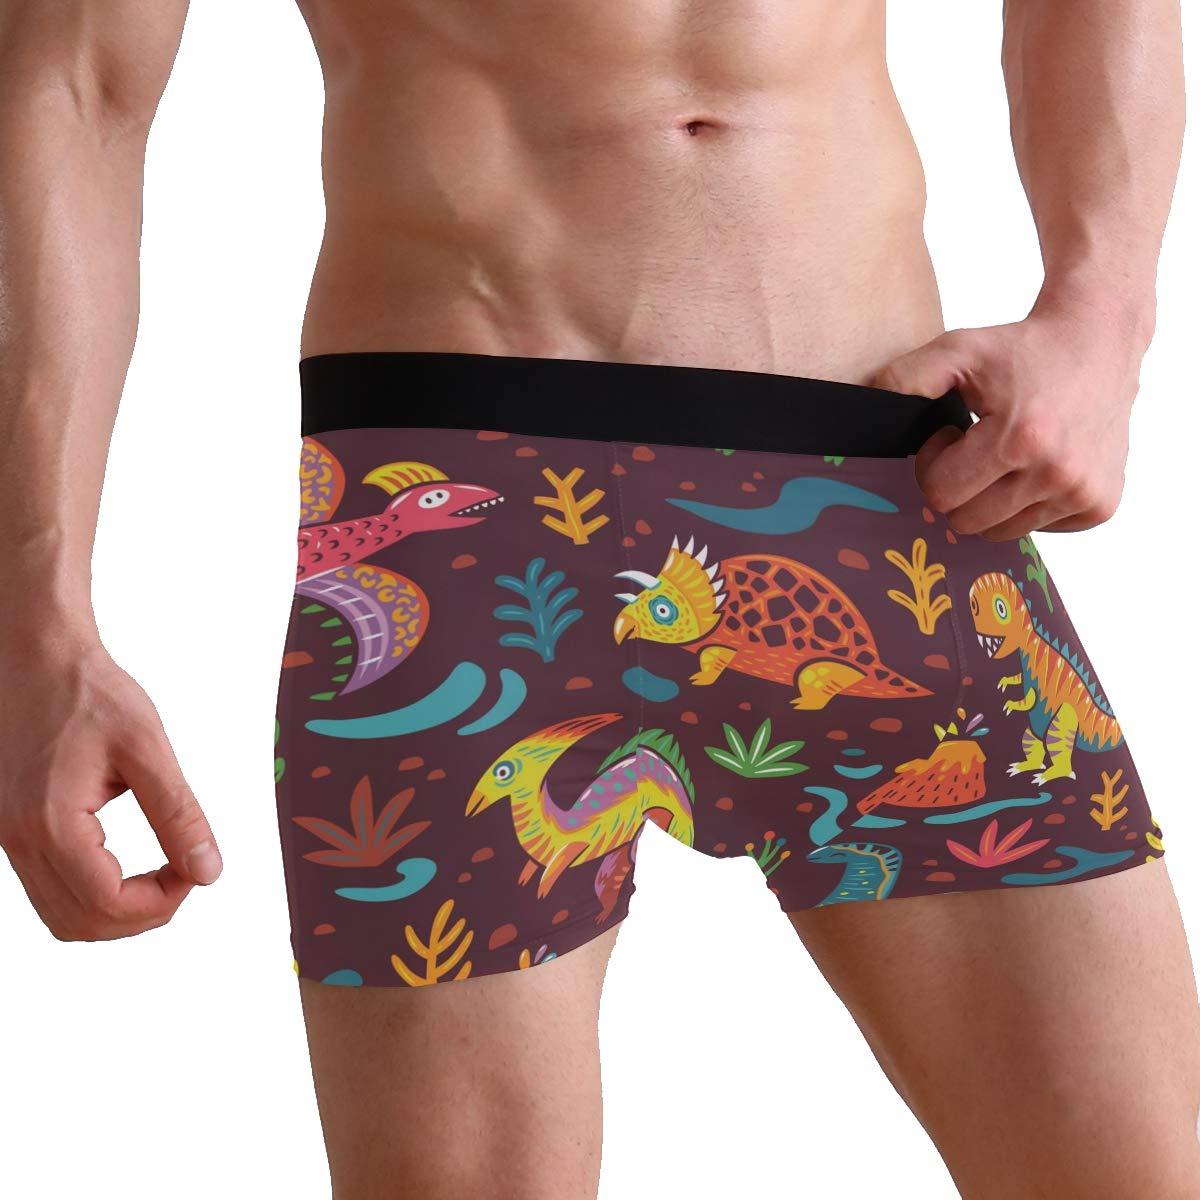 Mens Comfortable Underwear Trunk Dinosaur Pattern Boxer Briefs for Men